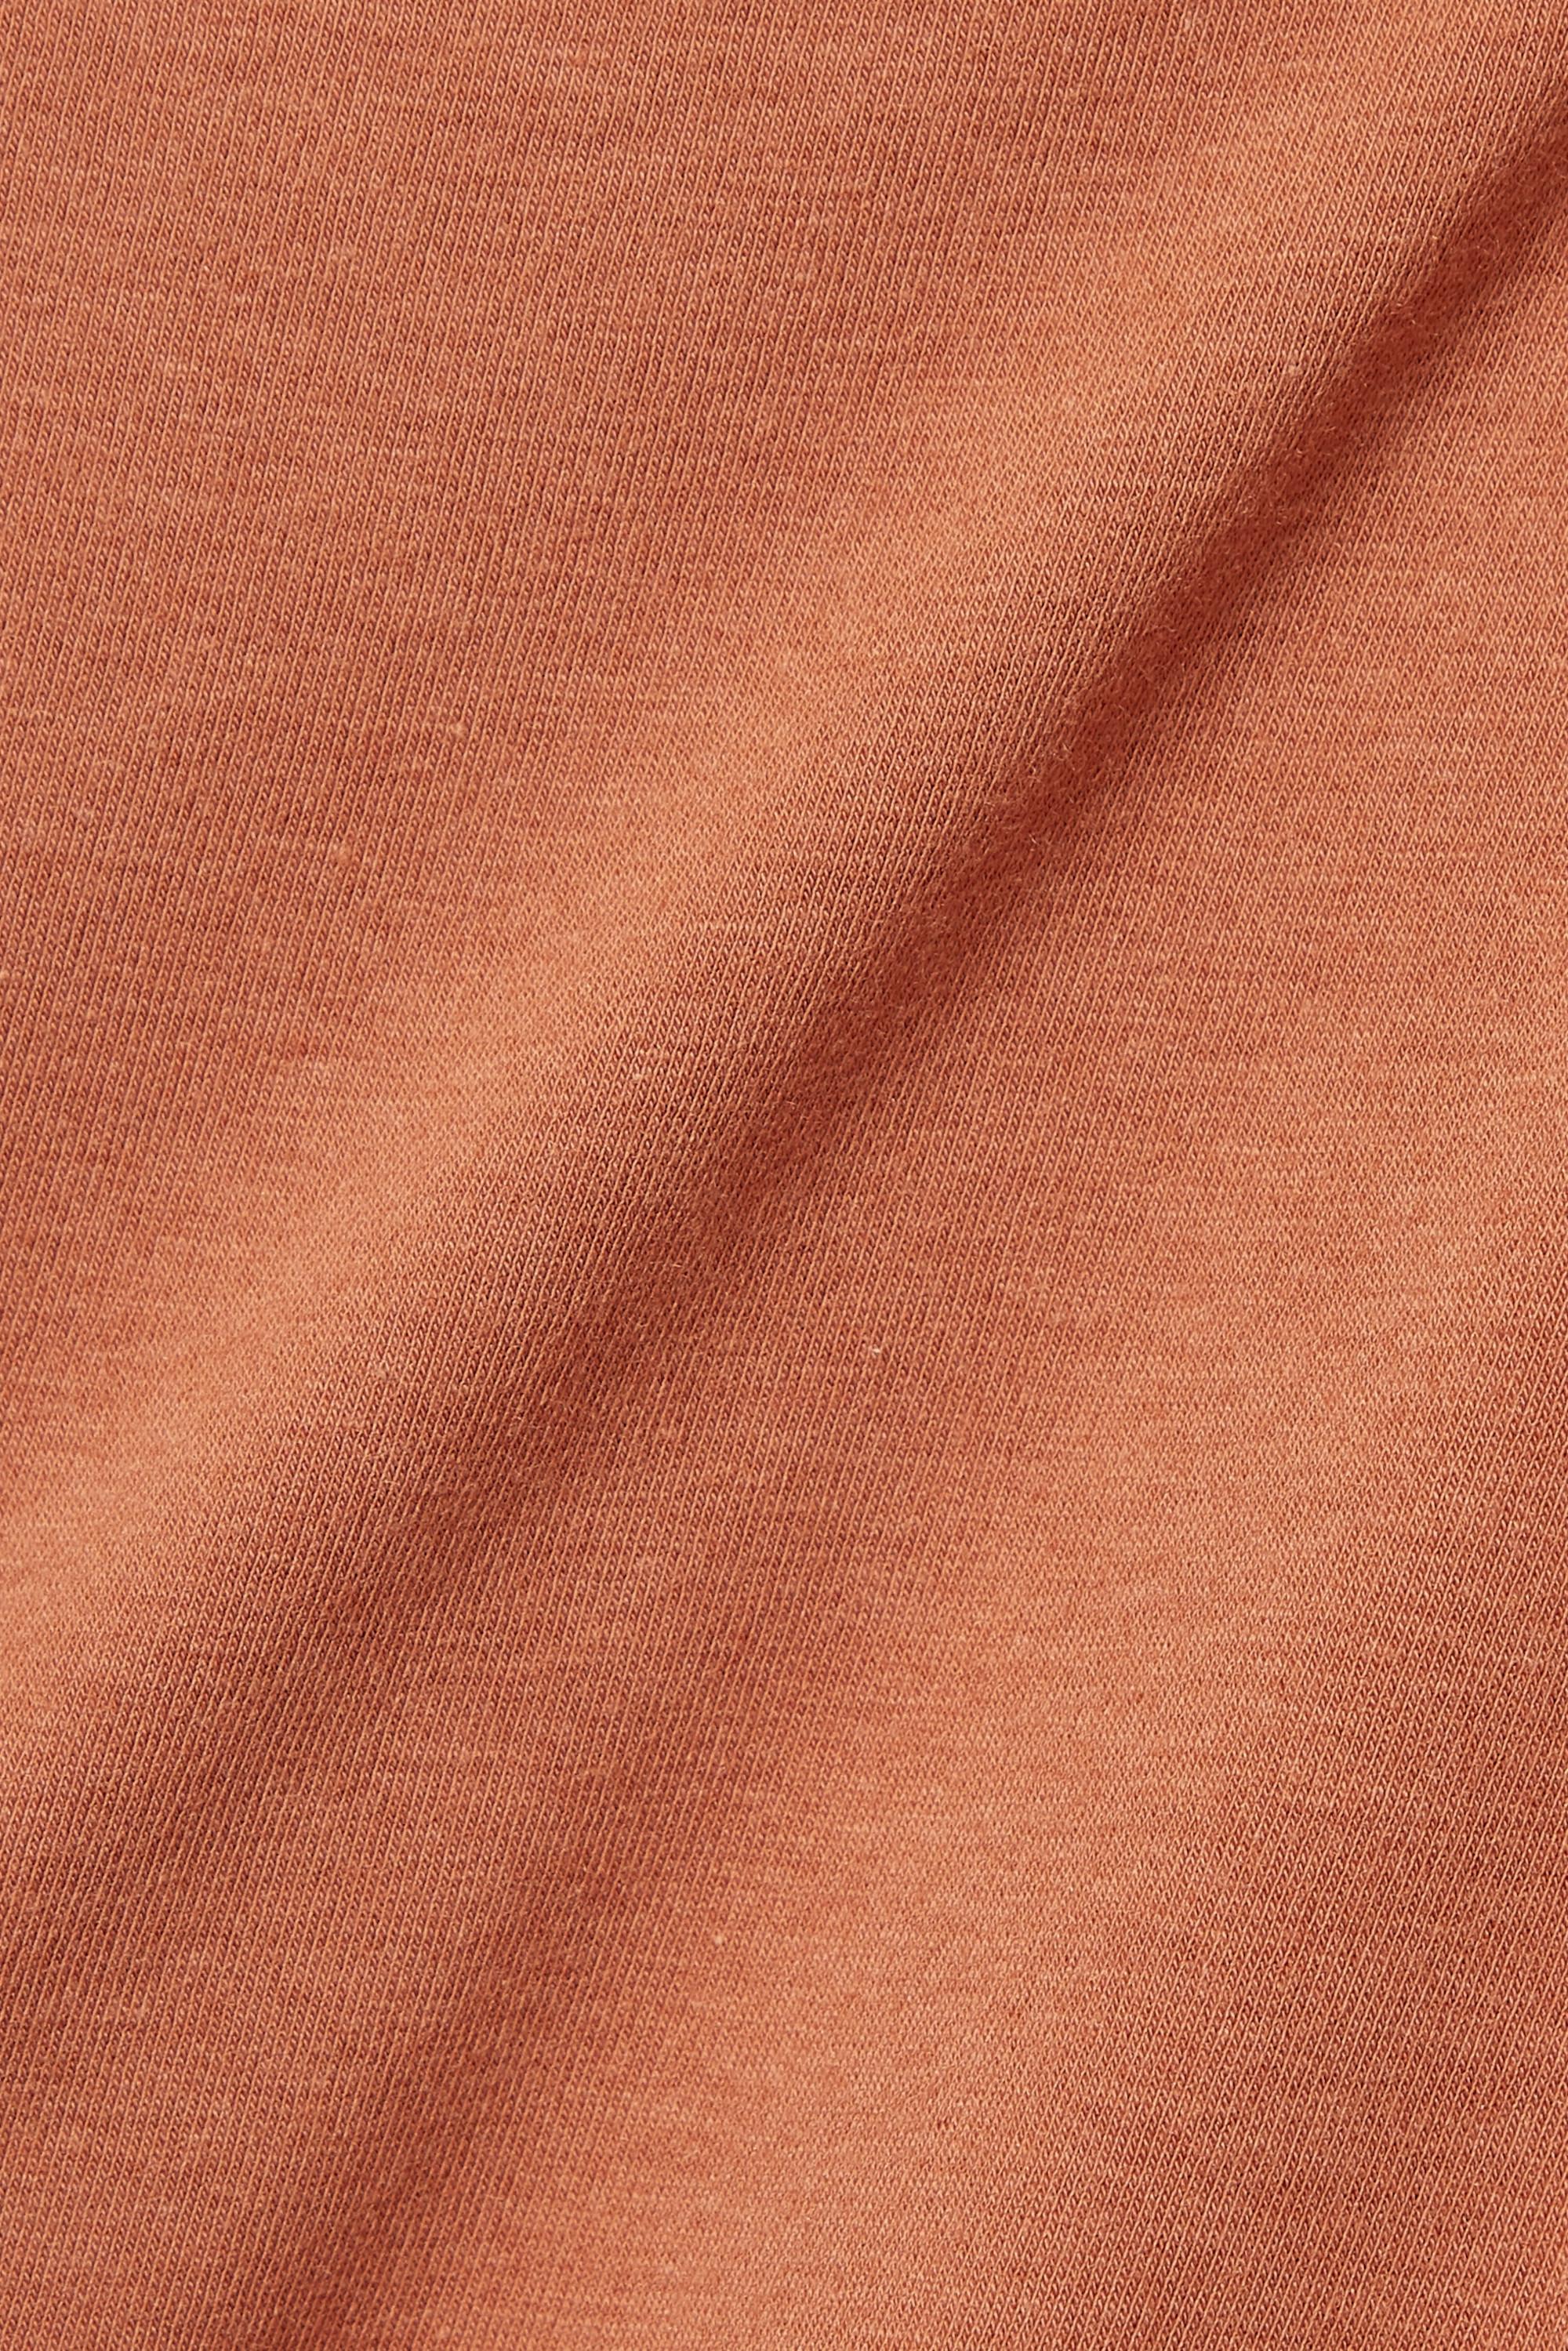 Skin + NET SUSTAIN Marika Oberteil aus einer Bio-Pima-Baumwoll-Modalmischung mit Stretch-Anteil